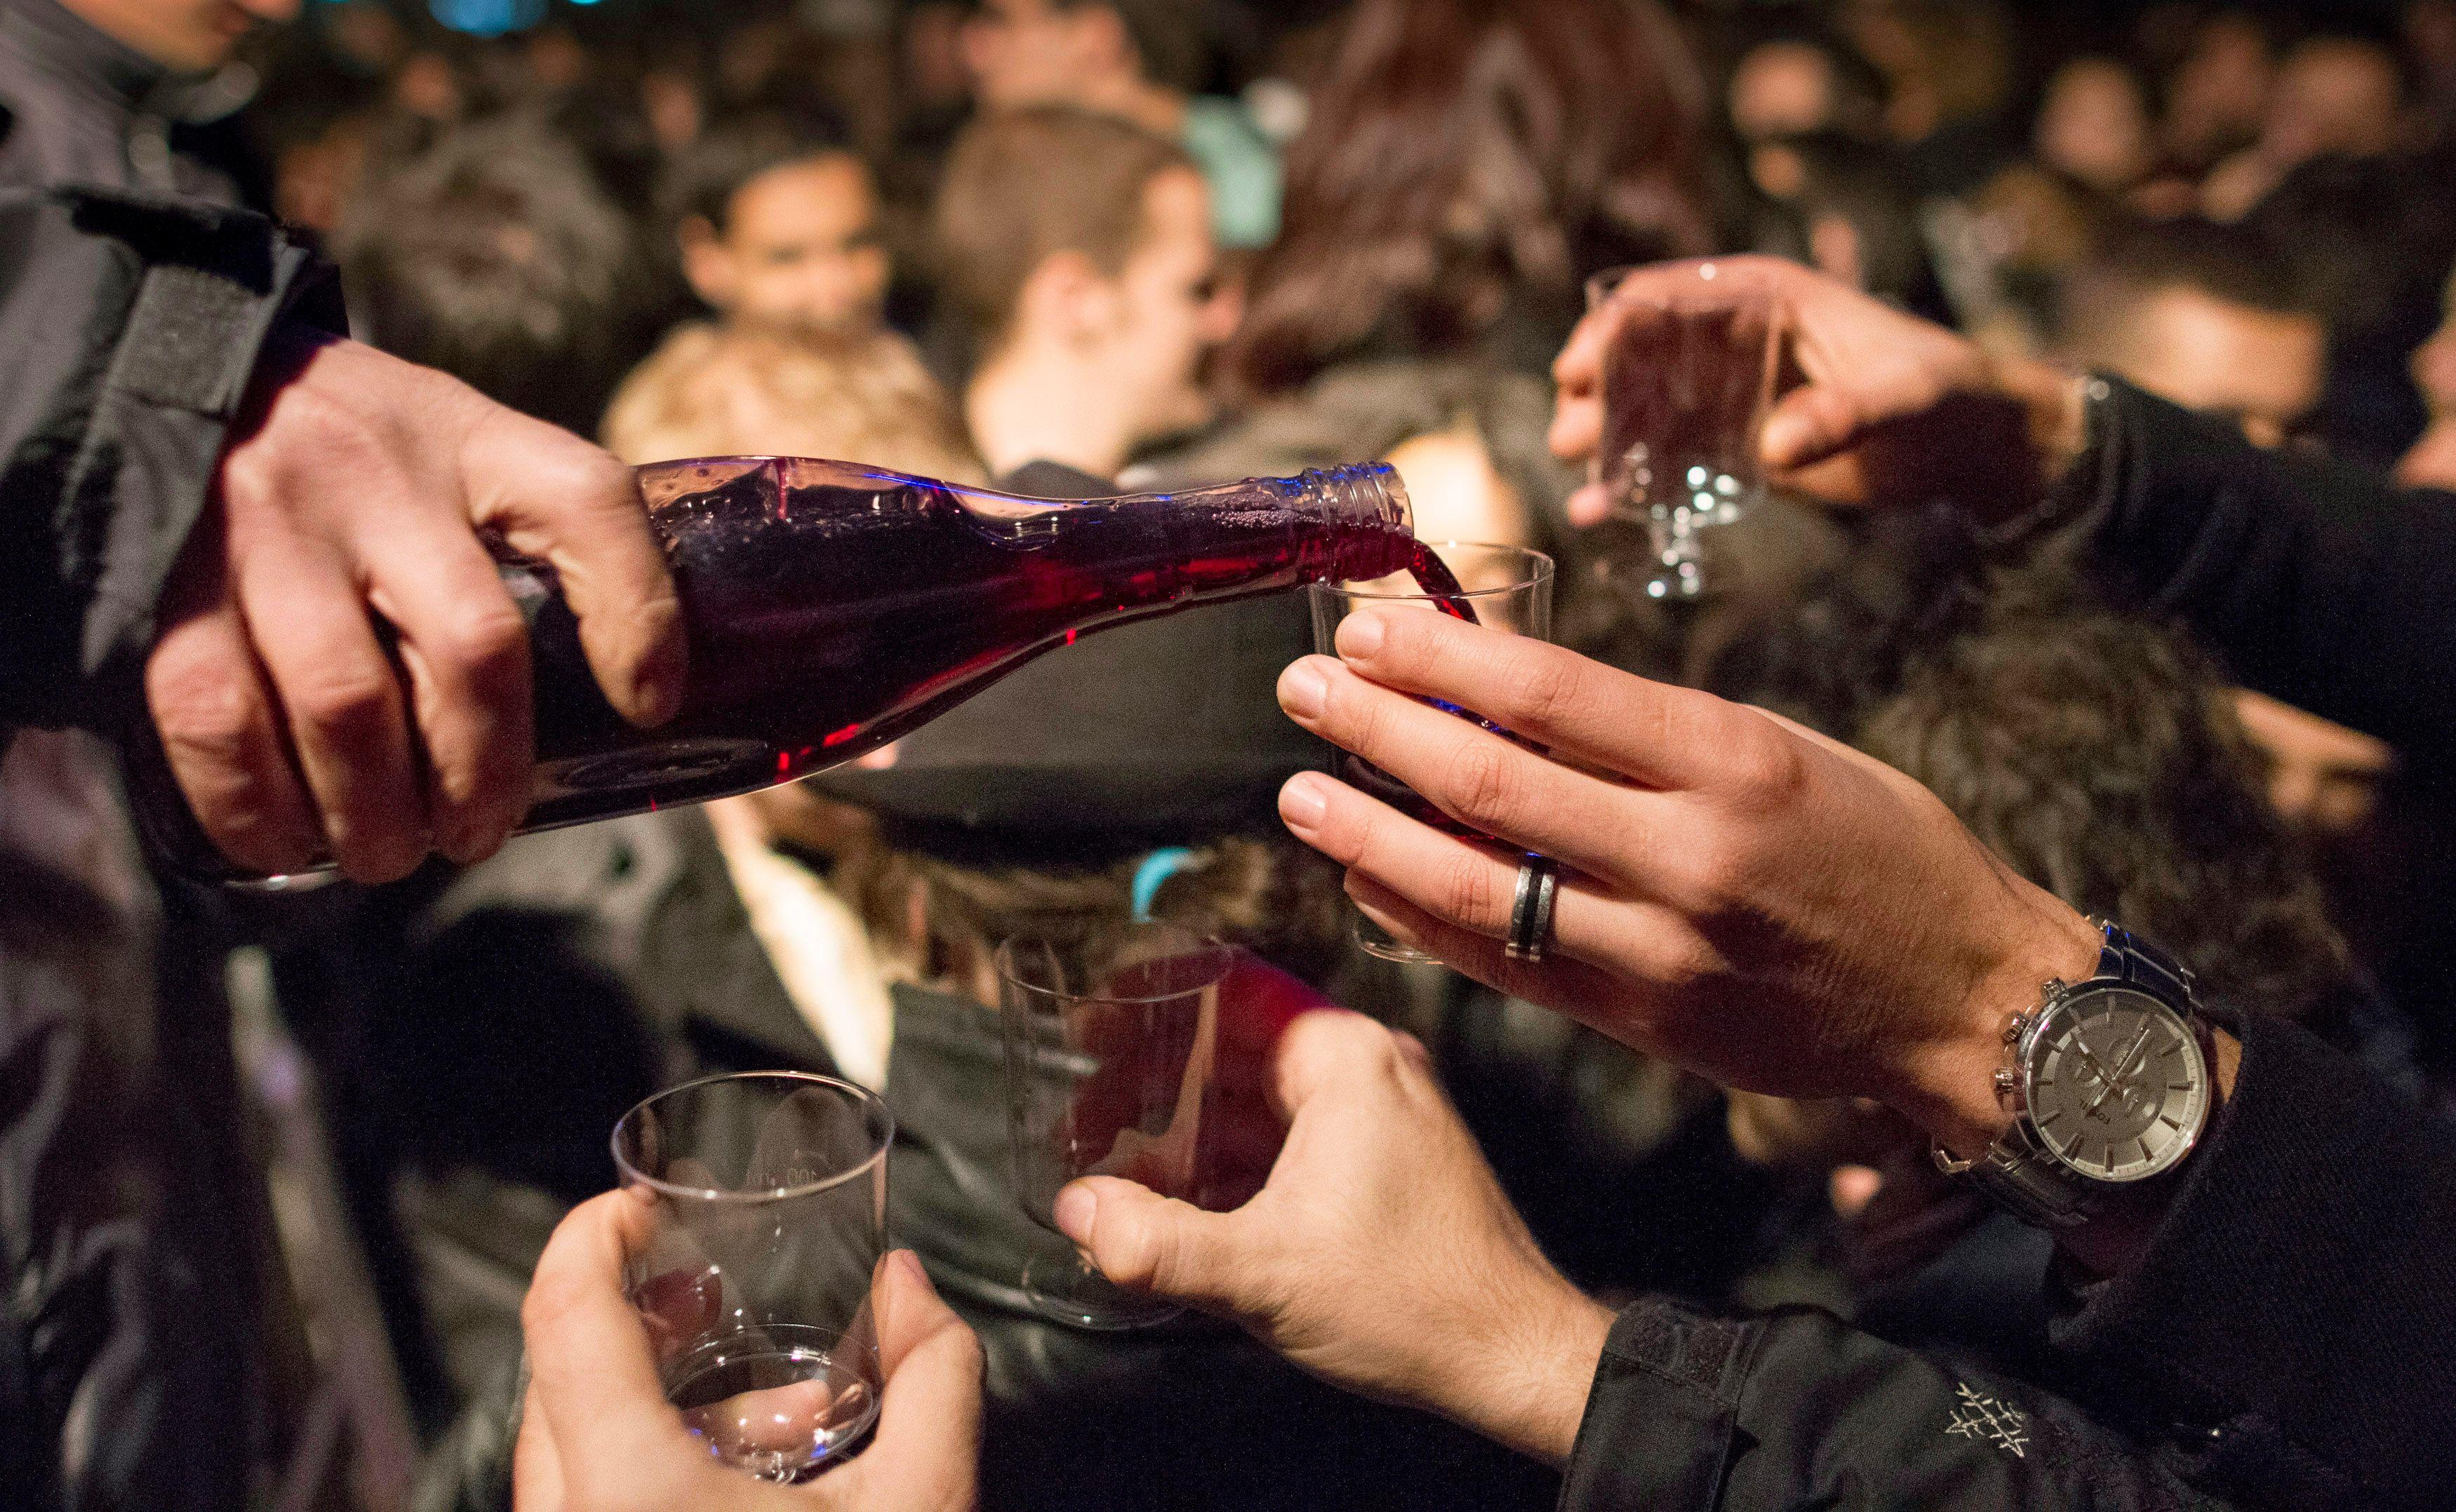 Le choix d'une bouteille de vin est très compliqué